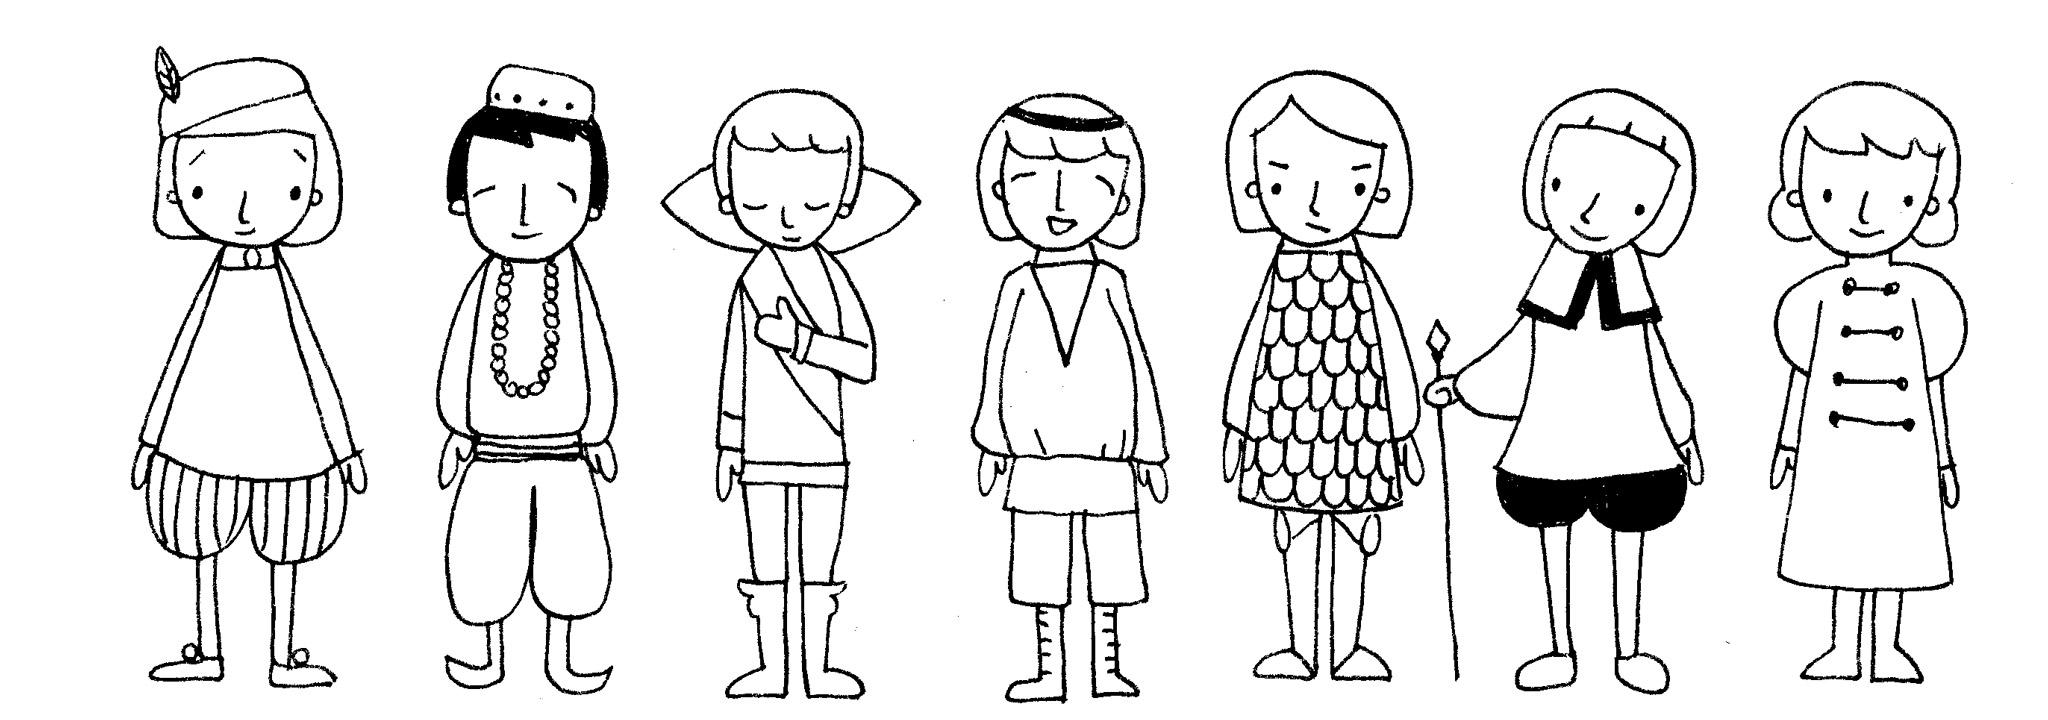 Kleine-Prinzen-zeichnen